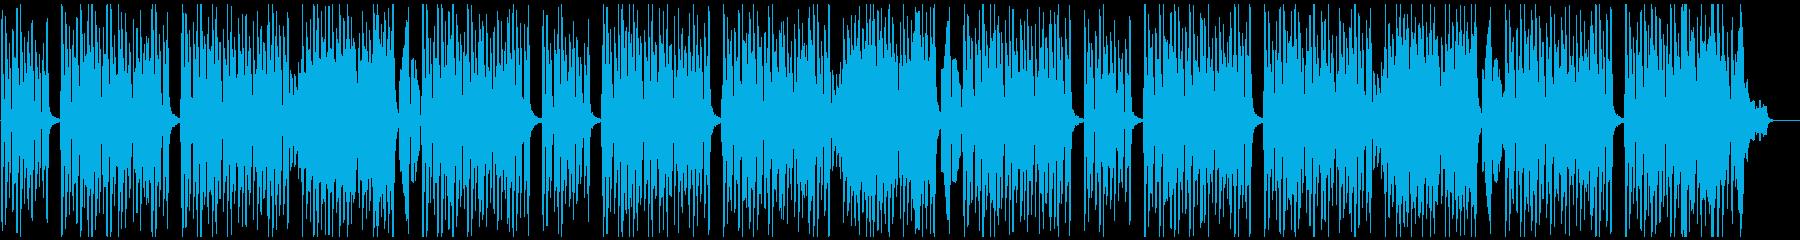 ピアノとシンセベルなどの軽い曲の再生済みの波形